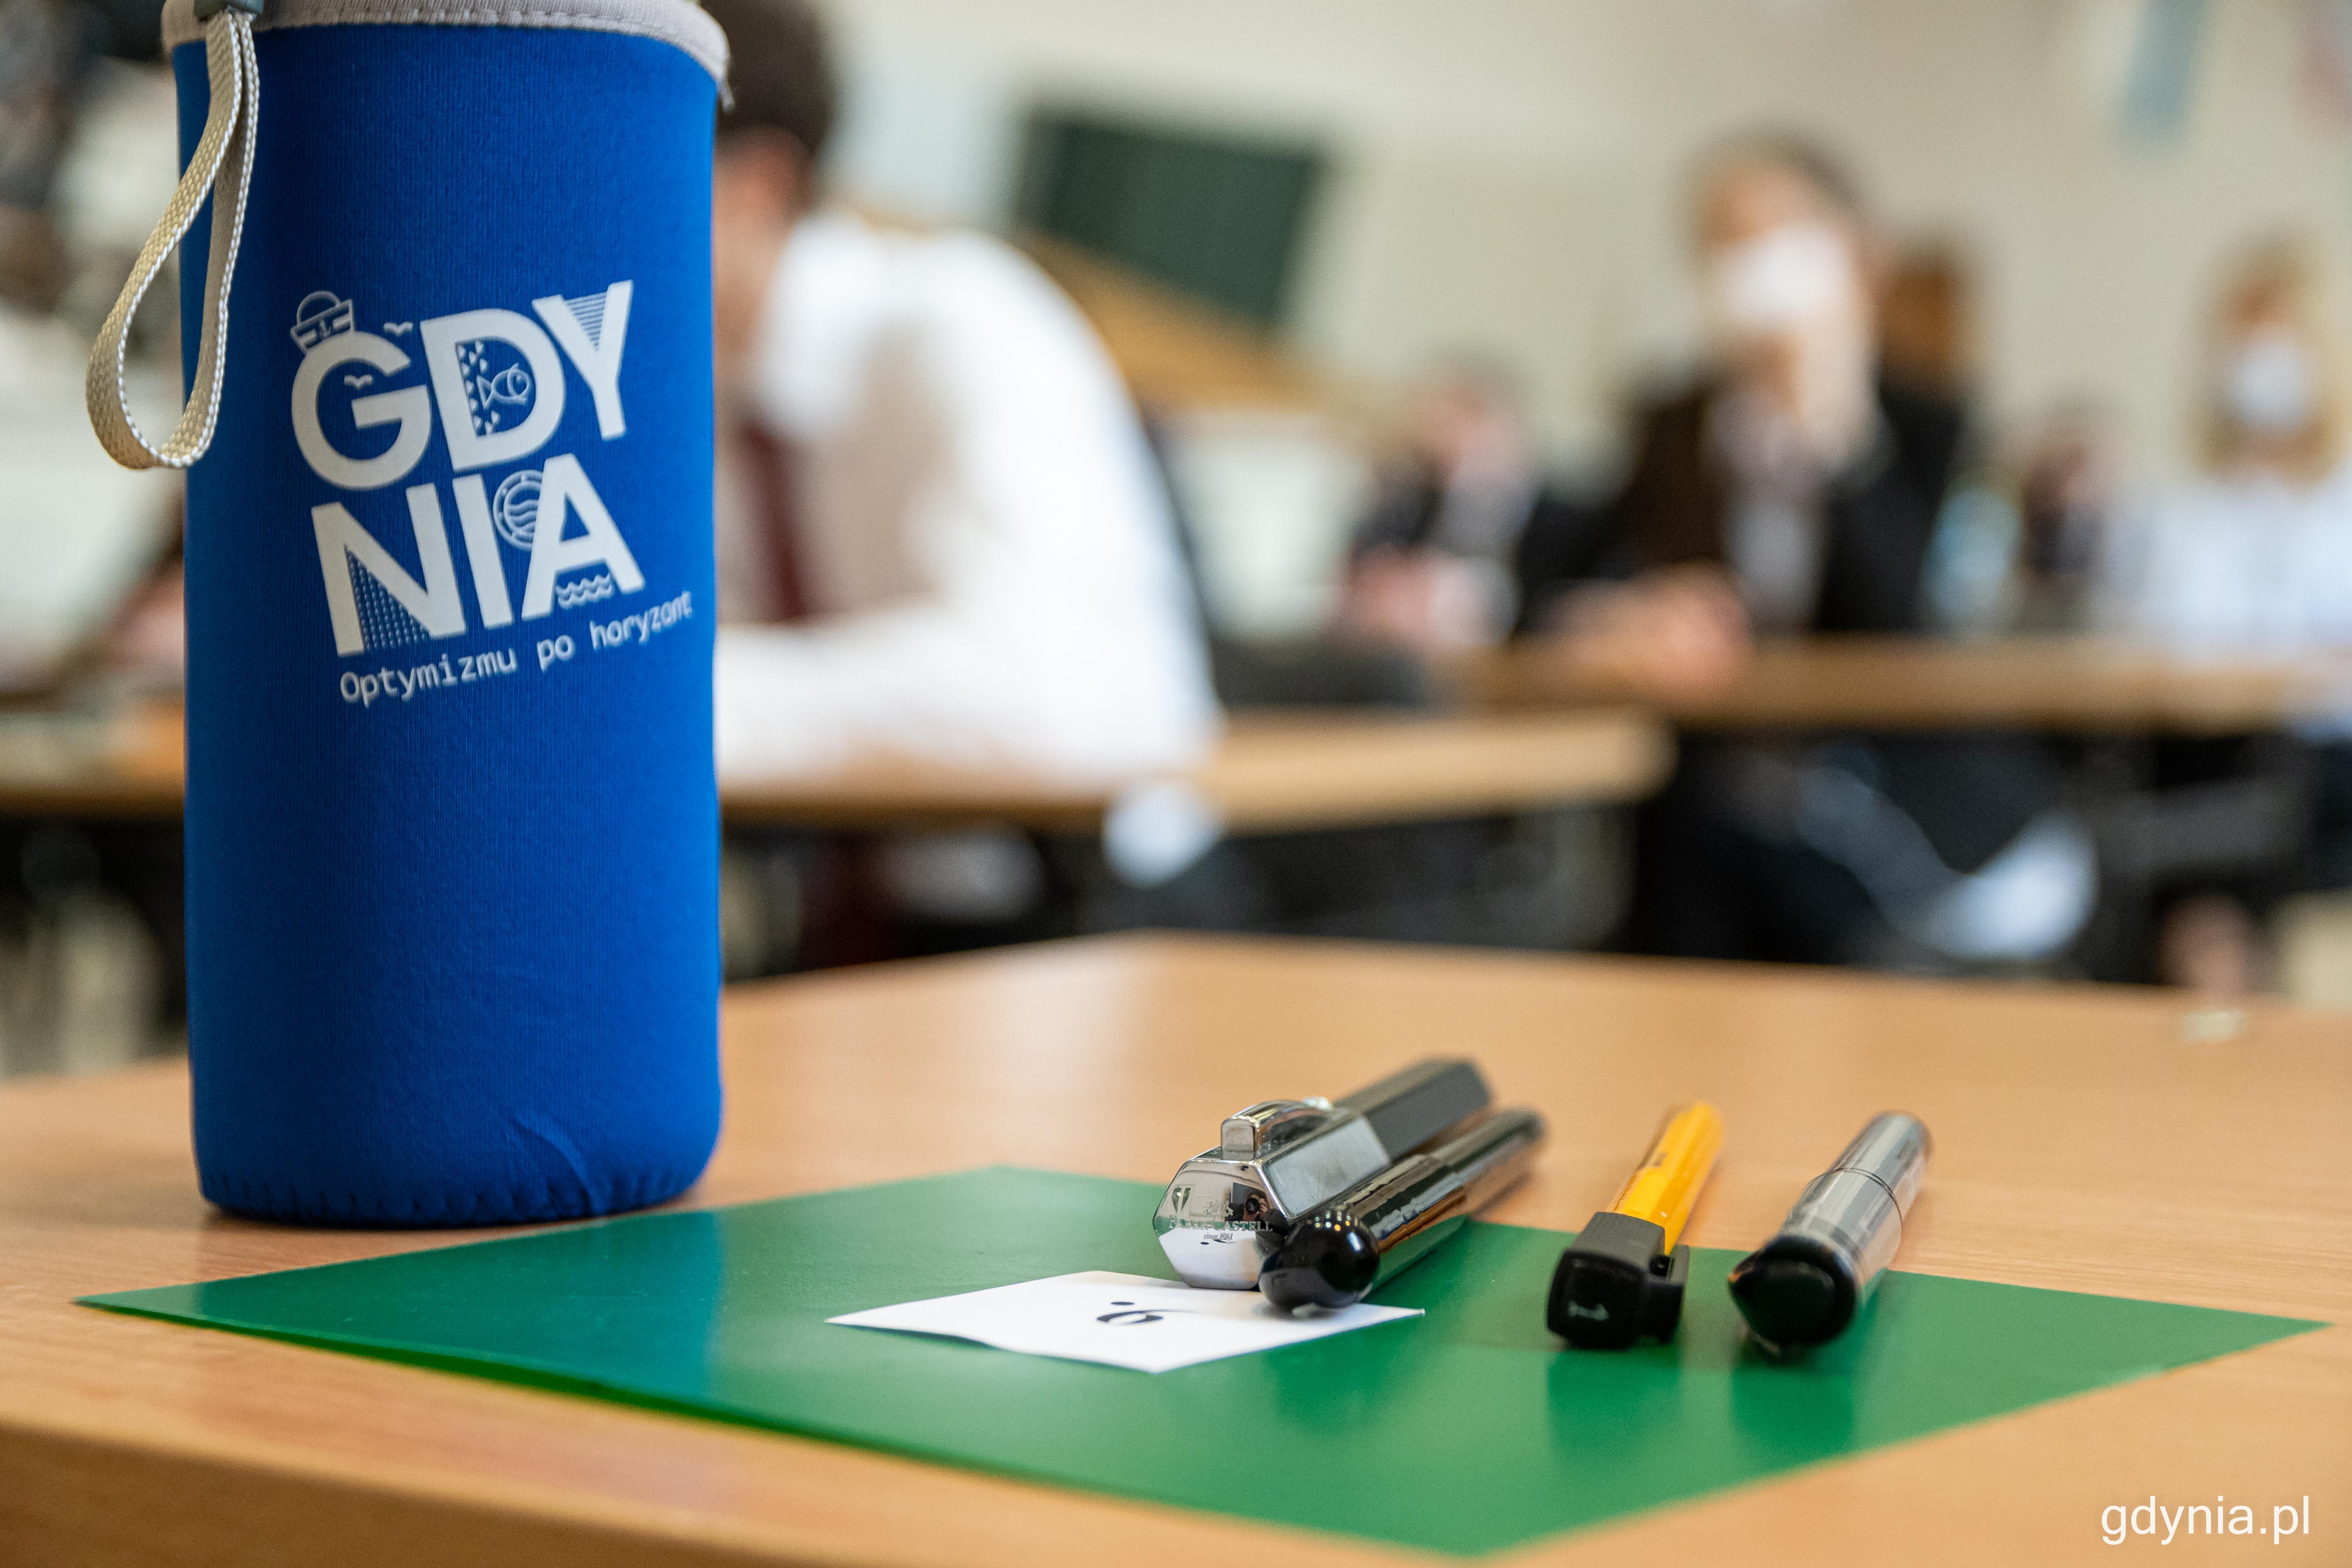 """Szklane butelki wielokrotnego użytku dla gdyńskich maturzystów. Na materiałowym etui widnieje hasło """"Optymizmu po horyzont"""". Fot. Kamil Złoch"""